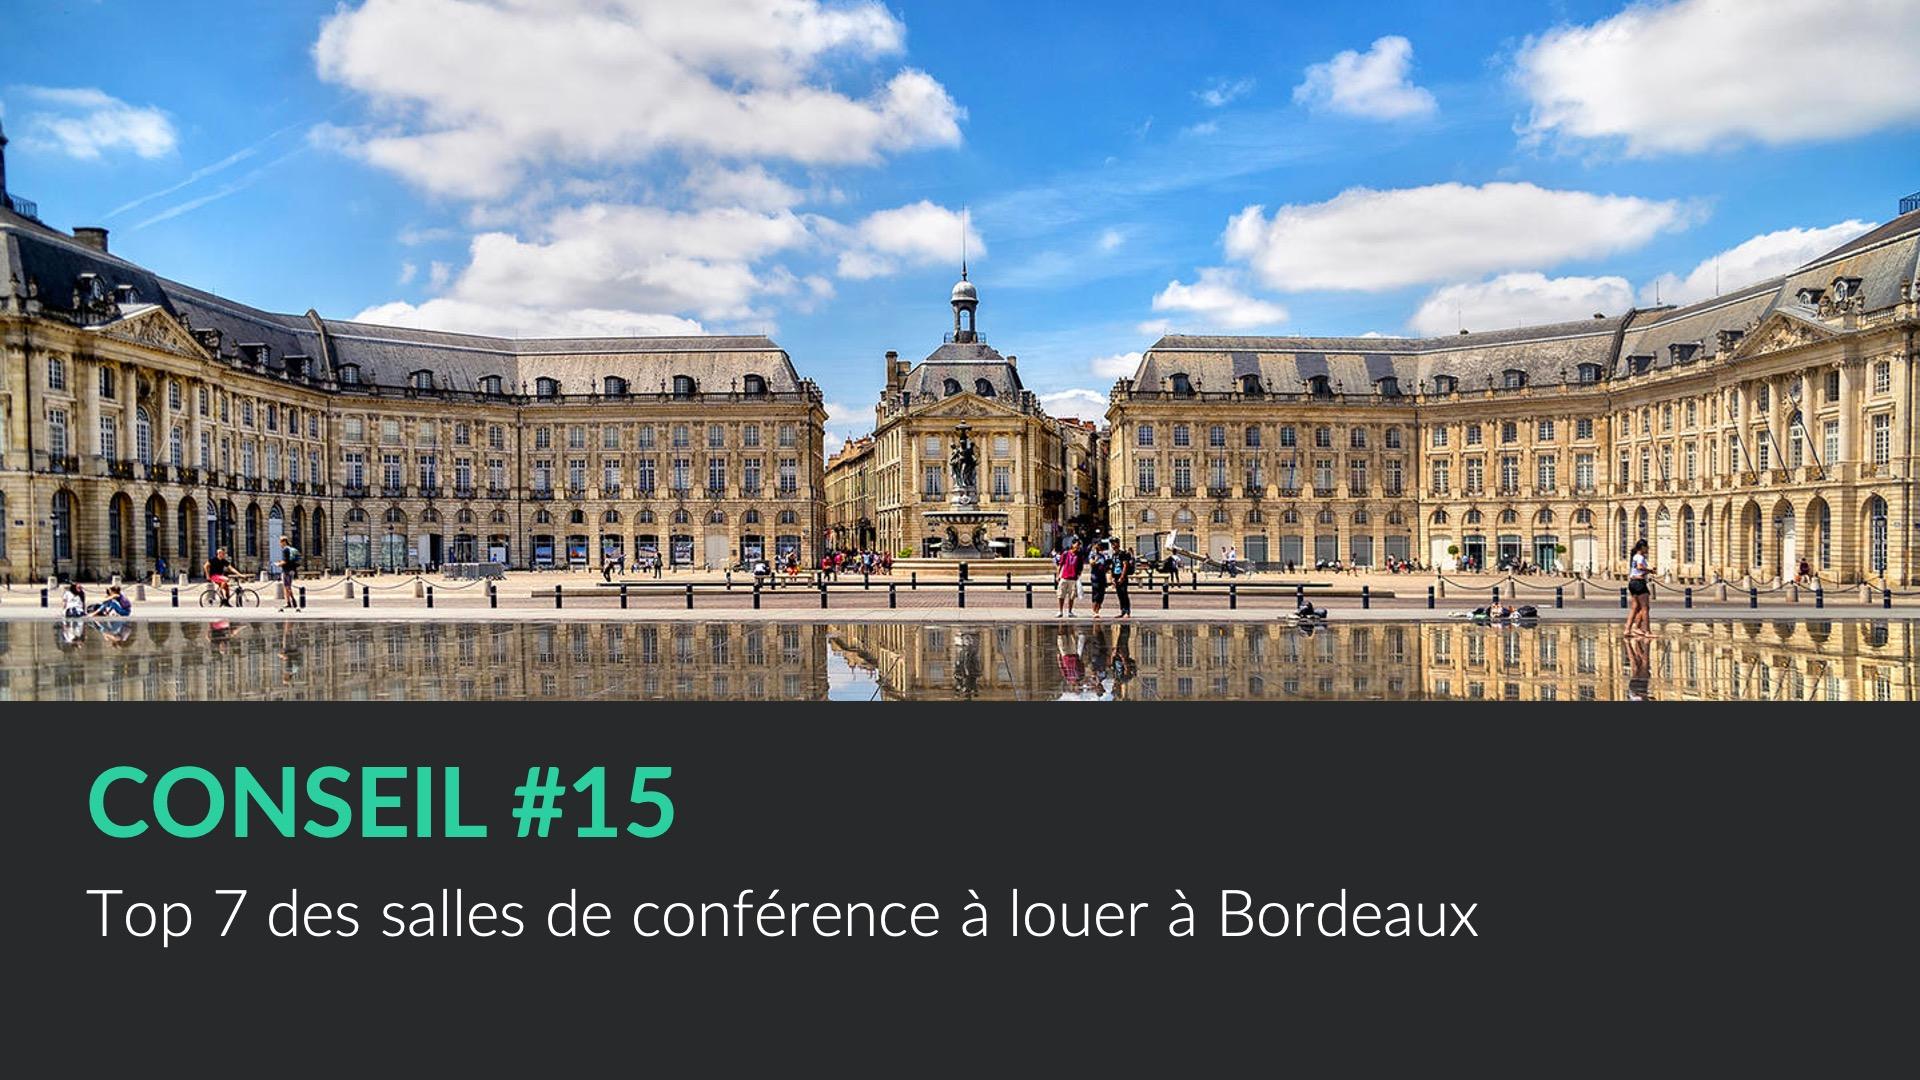 Top 7 des salles de conférence à louer à Bordeaux